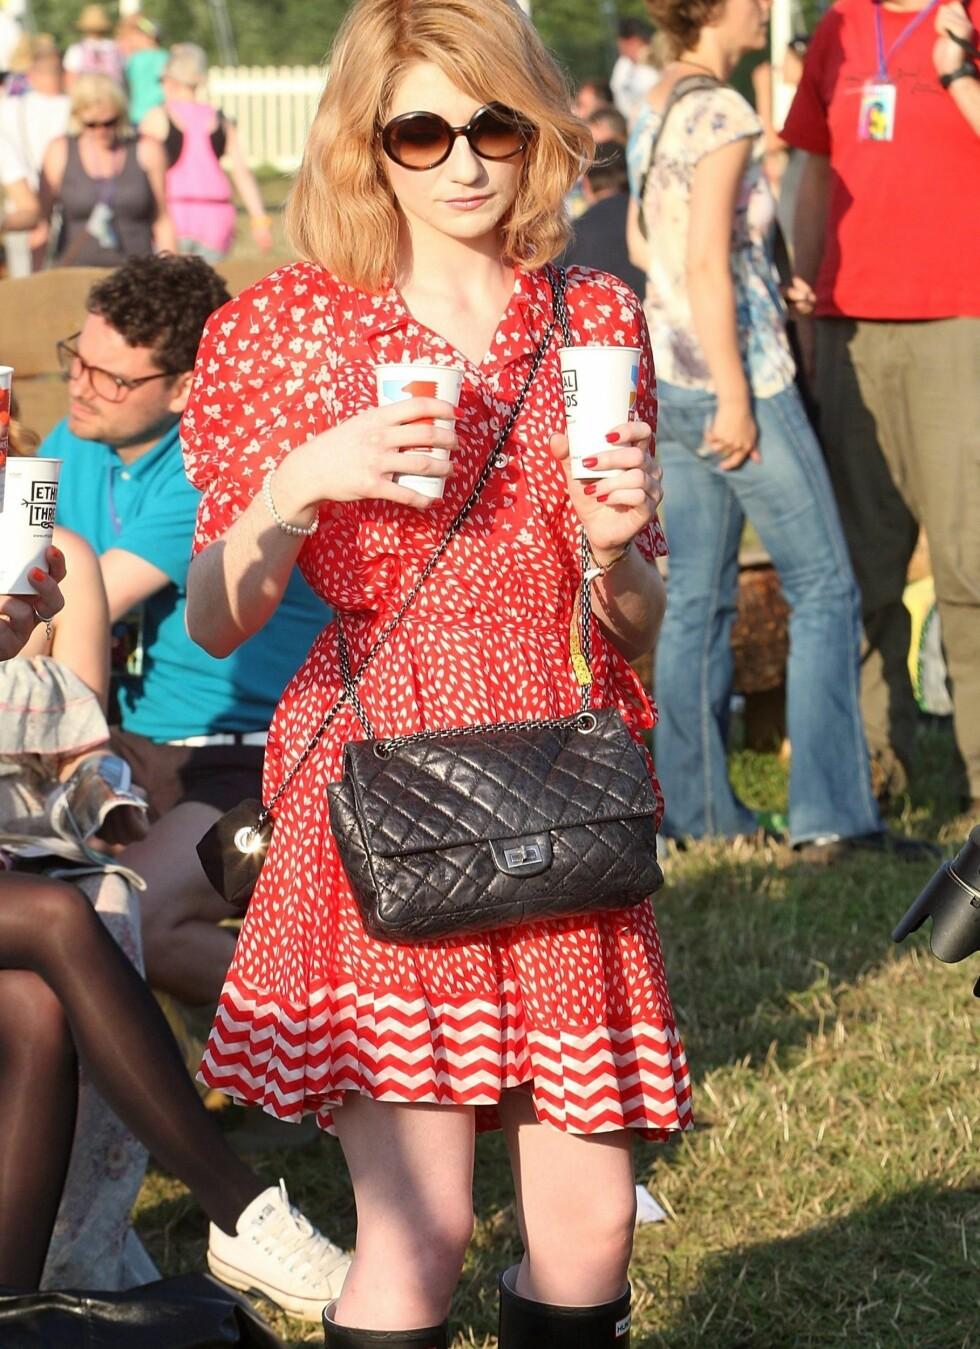 Artist og makeupdesigner Nicola Roberts ser superkul ut på Glastonbury-festivalen. Hun hr kledd seg opp med en retro vintage-kjole, solbriller og Hunter-støvler. Motetipset: Ikke undervurder festivalfottøyet. Dropp stilletter eller sko det er vondt å gå i. Støvler er praktisk og kult.   Foto: All Over Press